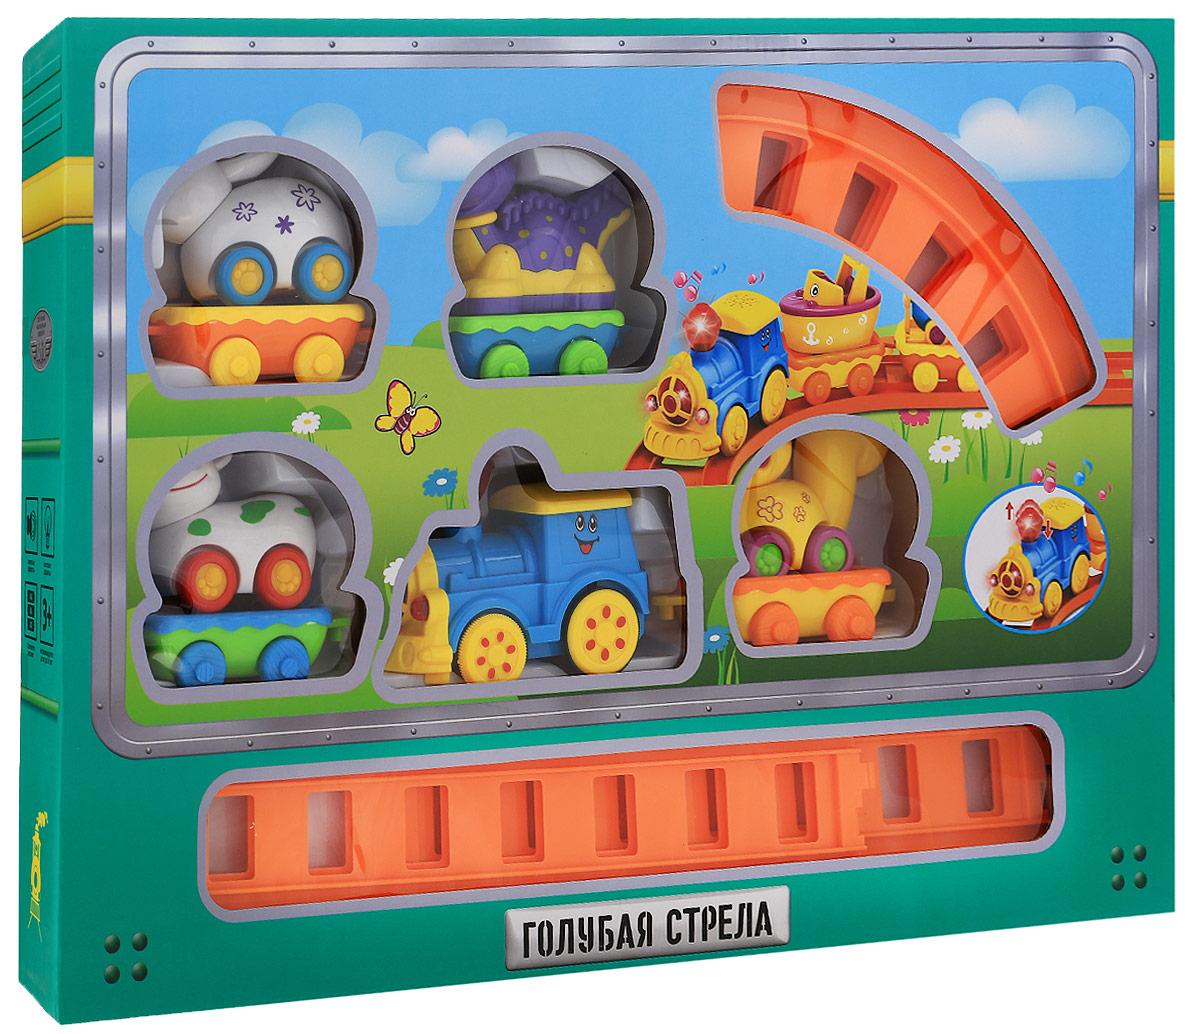 Голубая стрела Железная дорога Веселое путешествие цвет паровоза голубой - Железные дороги